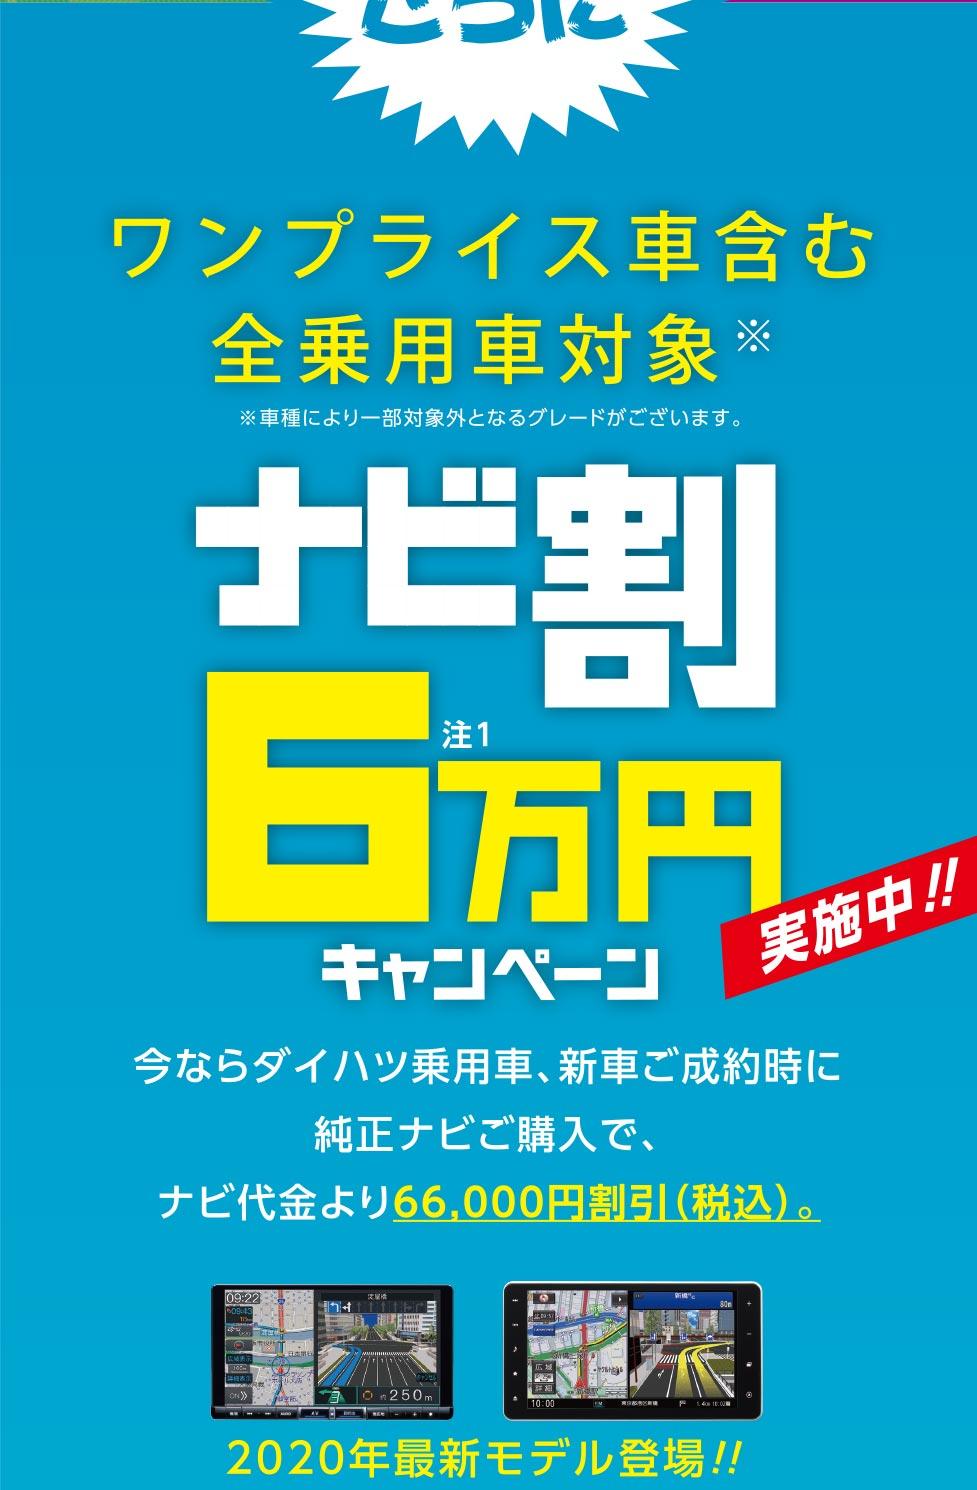 ナビ割6万円キャンペーン